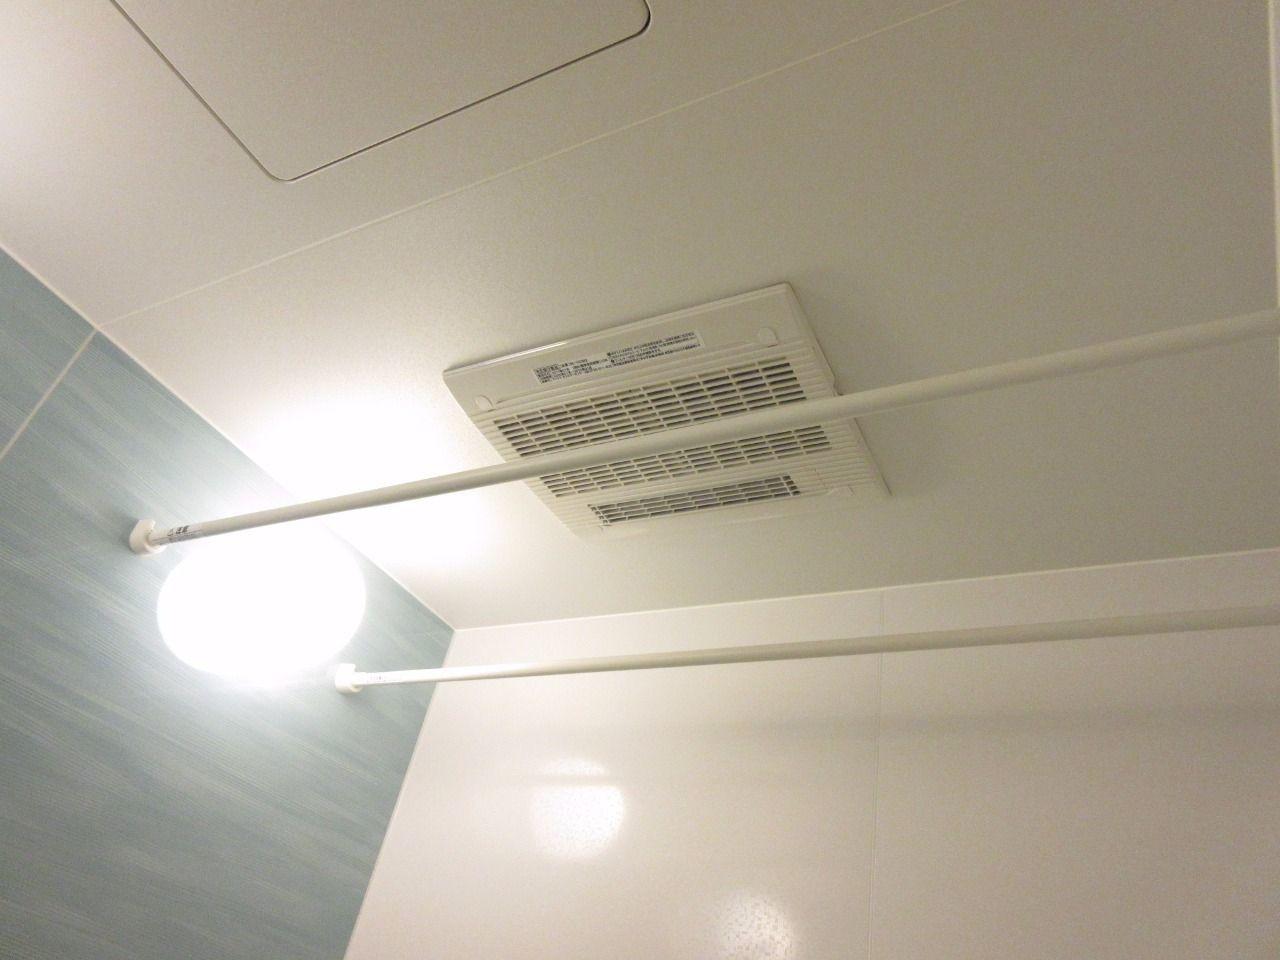 雨の日も洗濯物に困らず、浴室の湿気を除去